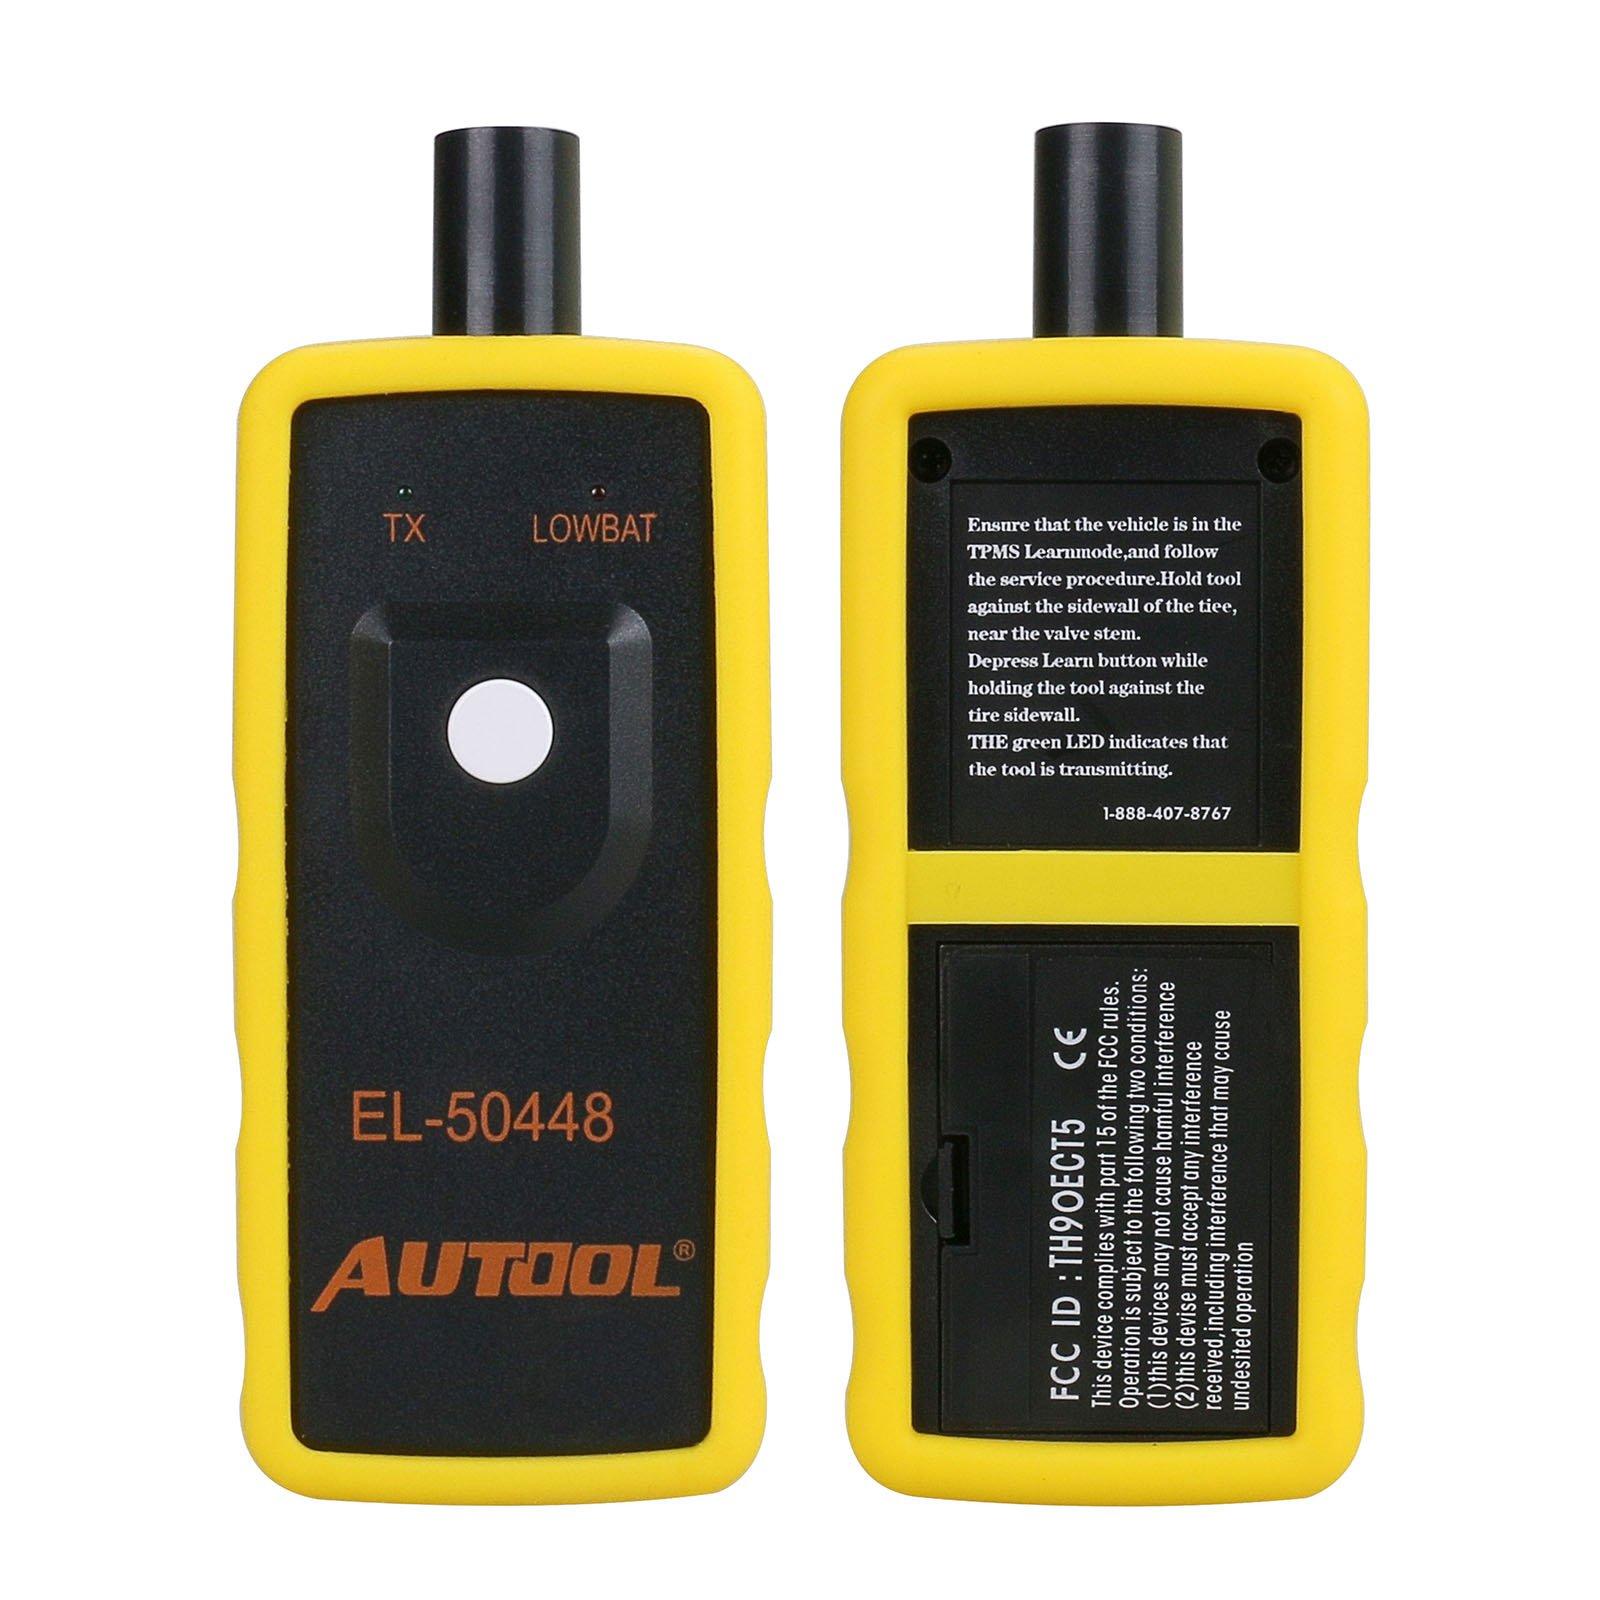 AUTOOL EL-50448 Automotive Tire Pressure Monitor Sensor Activation Tool TPMS Reset 315MHZ and 433MHz Car Tyre Pressure Monitoring System Reset Tools by AUTOOL